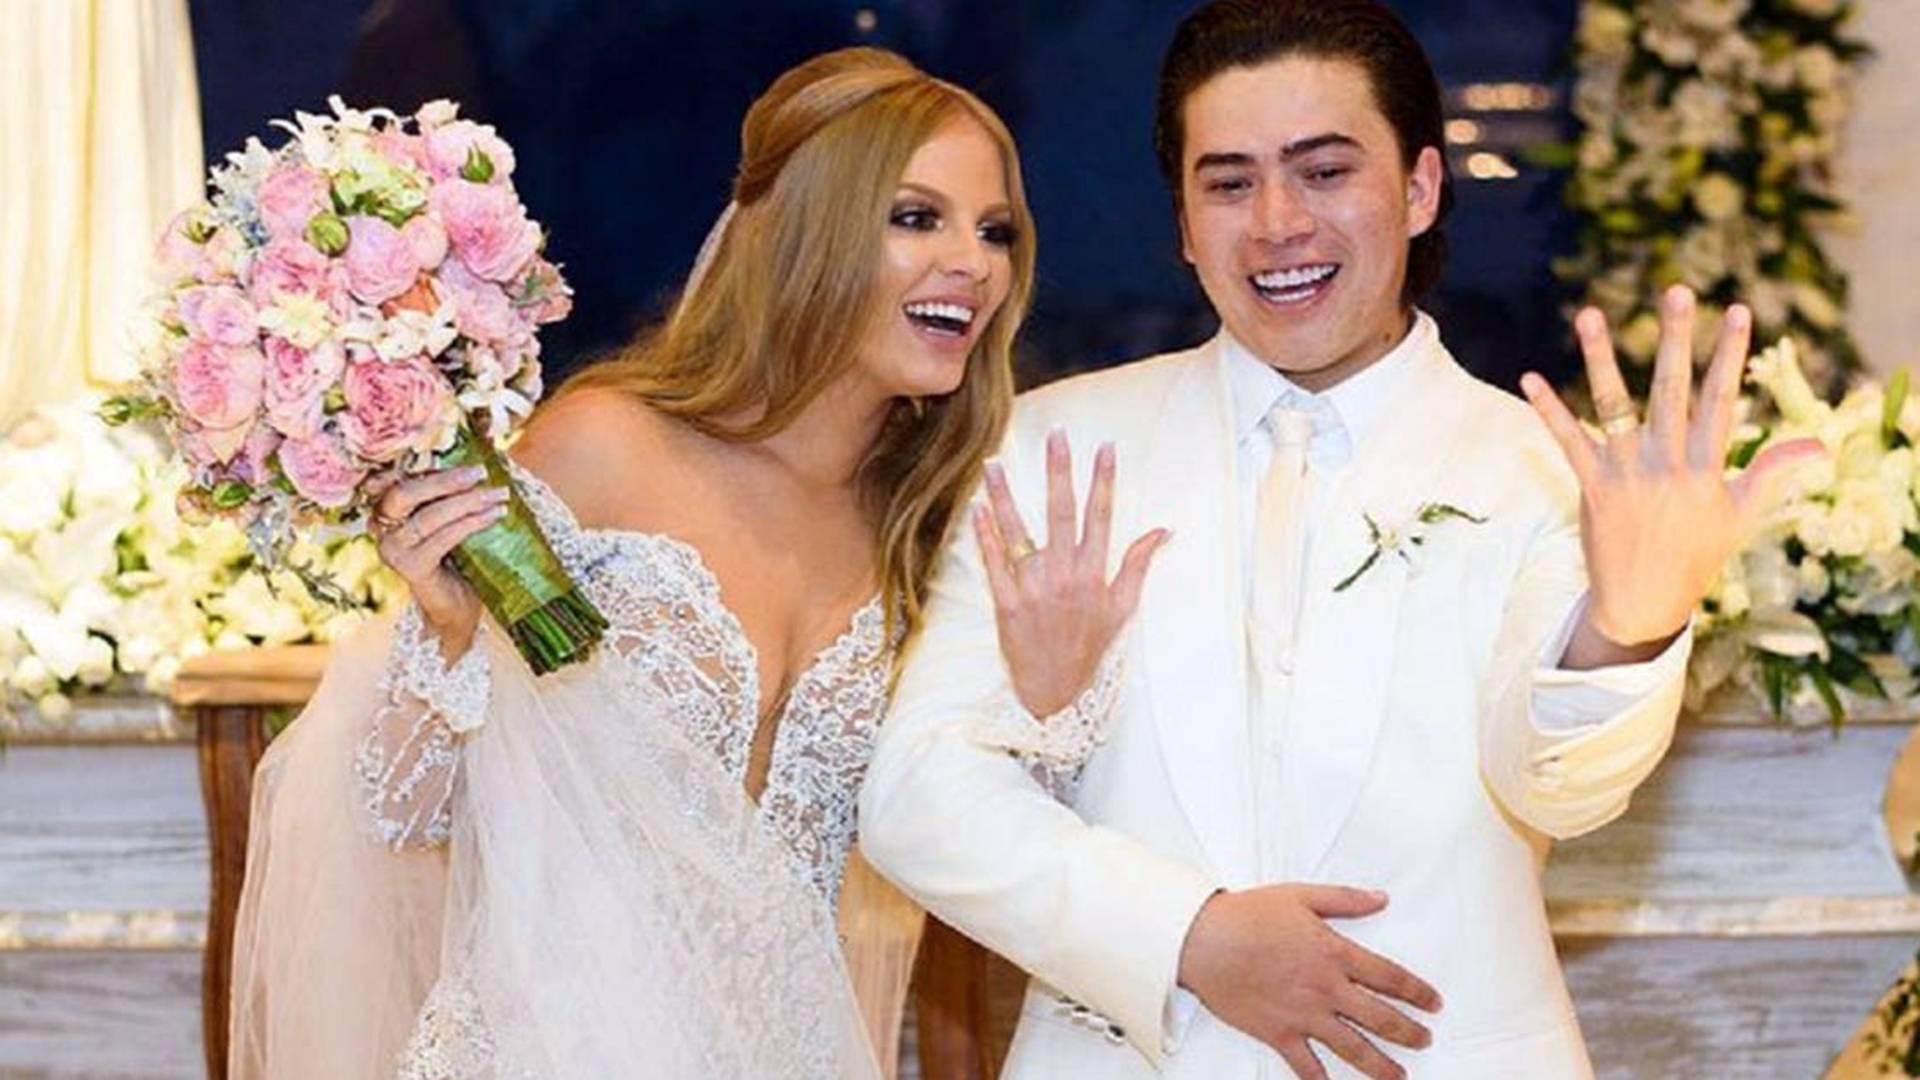 Luisa Sonza anuncia fim do casamento com Whindersson Nunes: ''Precisamos seguir nossos caminhos''